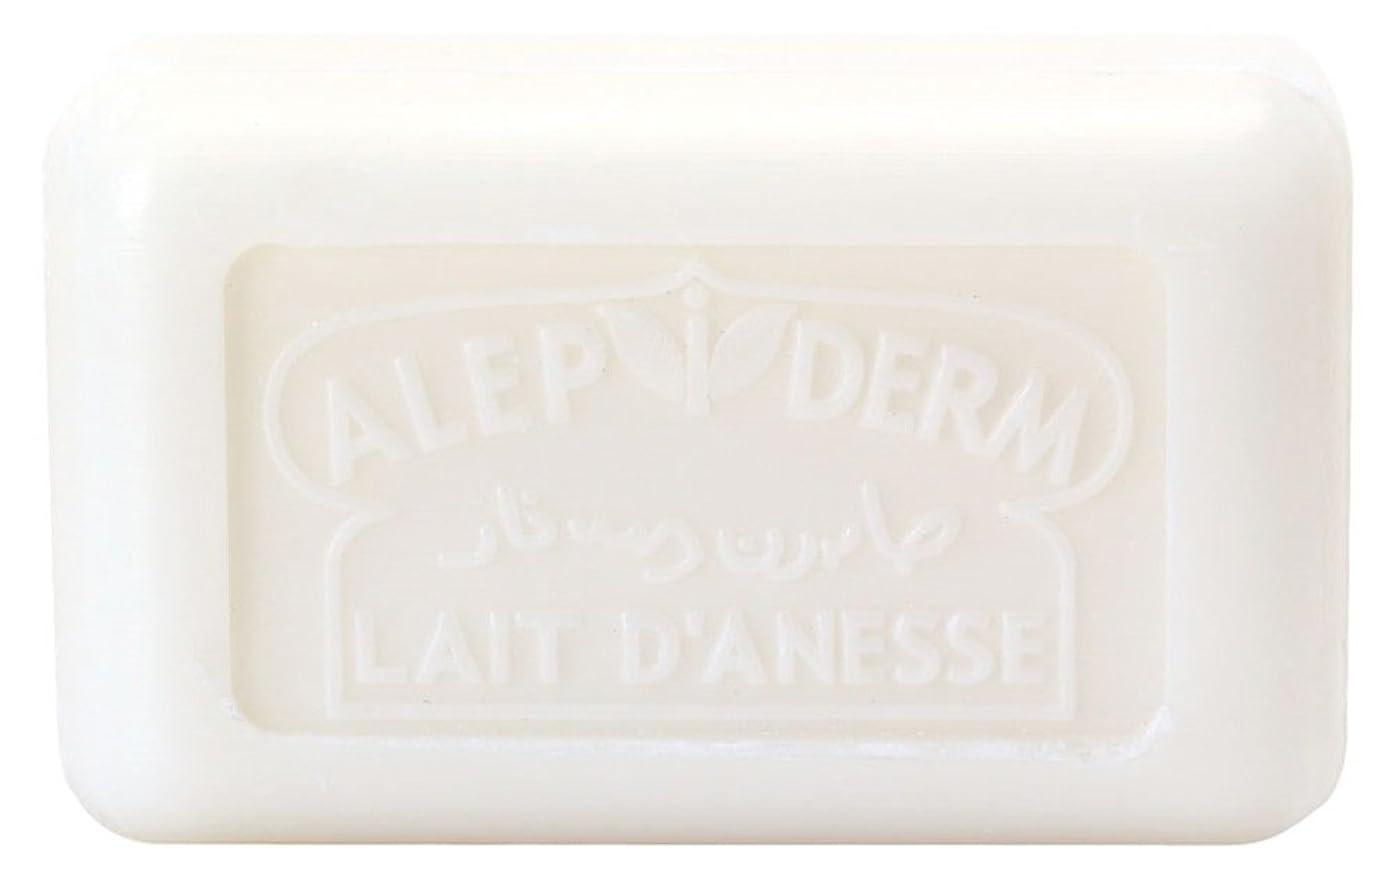 同行カバー埋め込むノルコーポレーション プロヴァンス アレピダーム 洗顔石鹸 ロバミルク アルガンオイル シアバター配合 OB-PVP-4-1